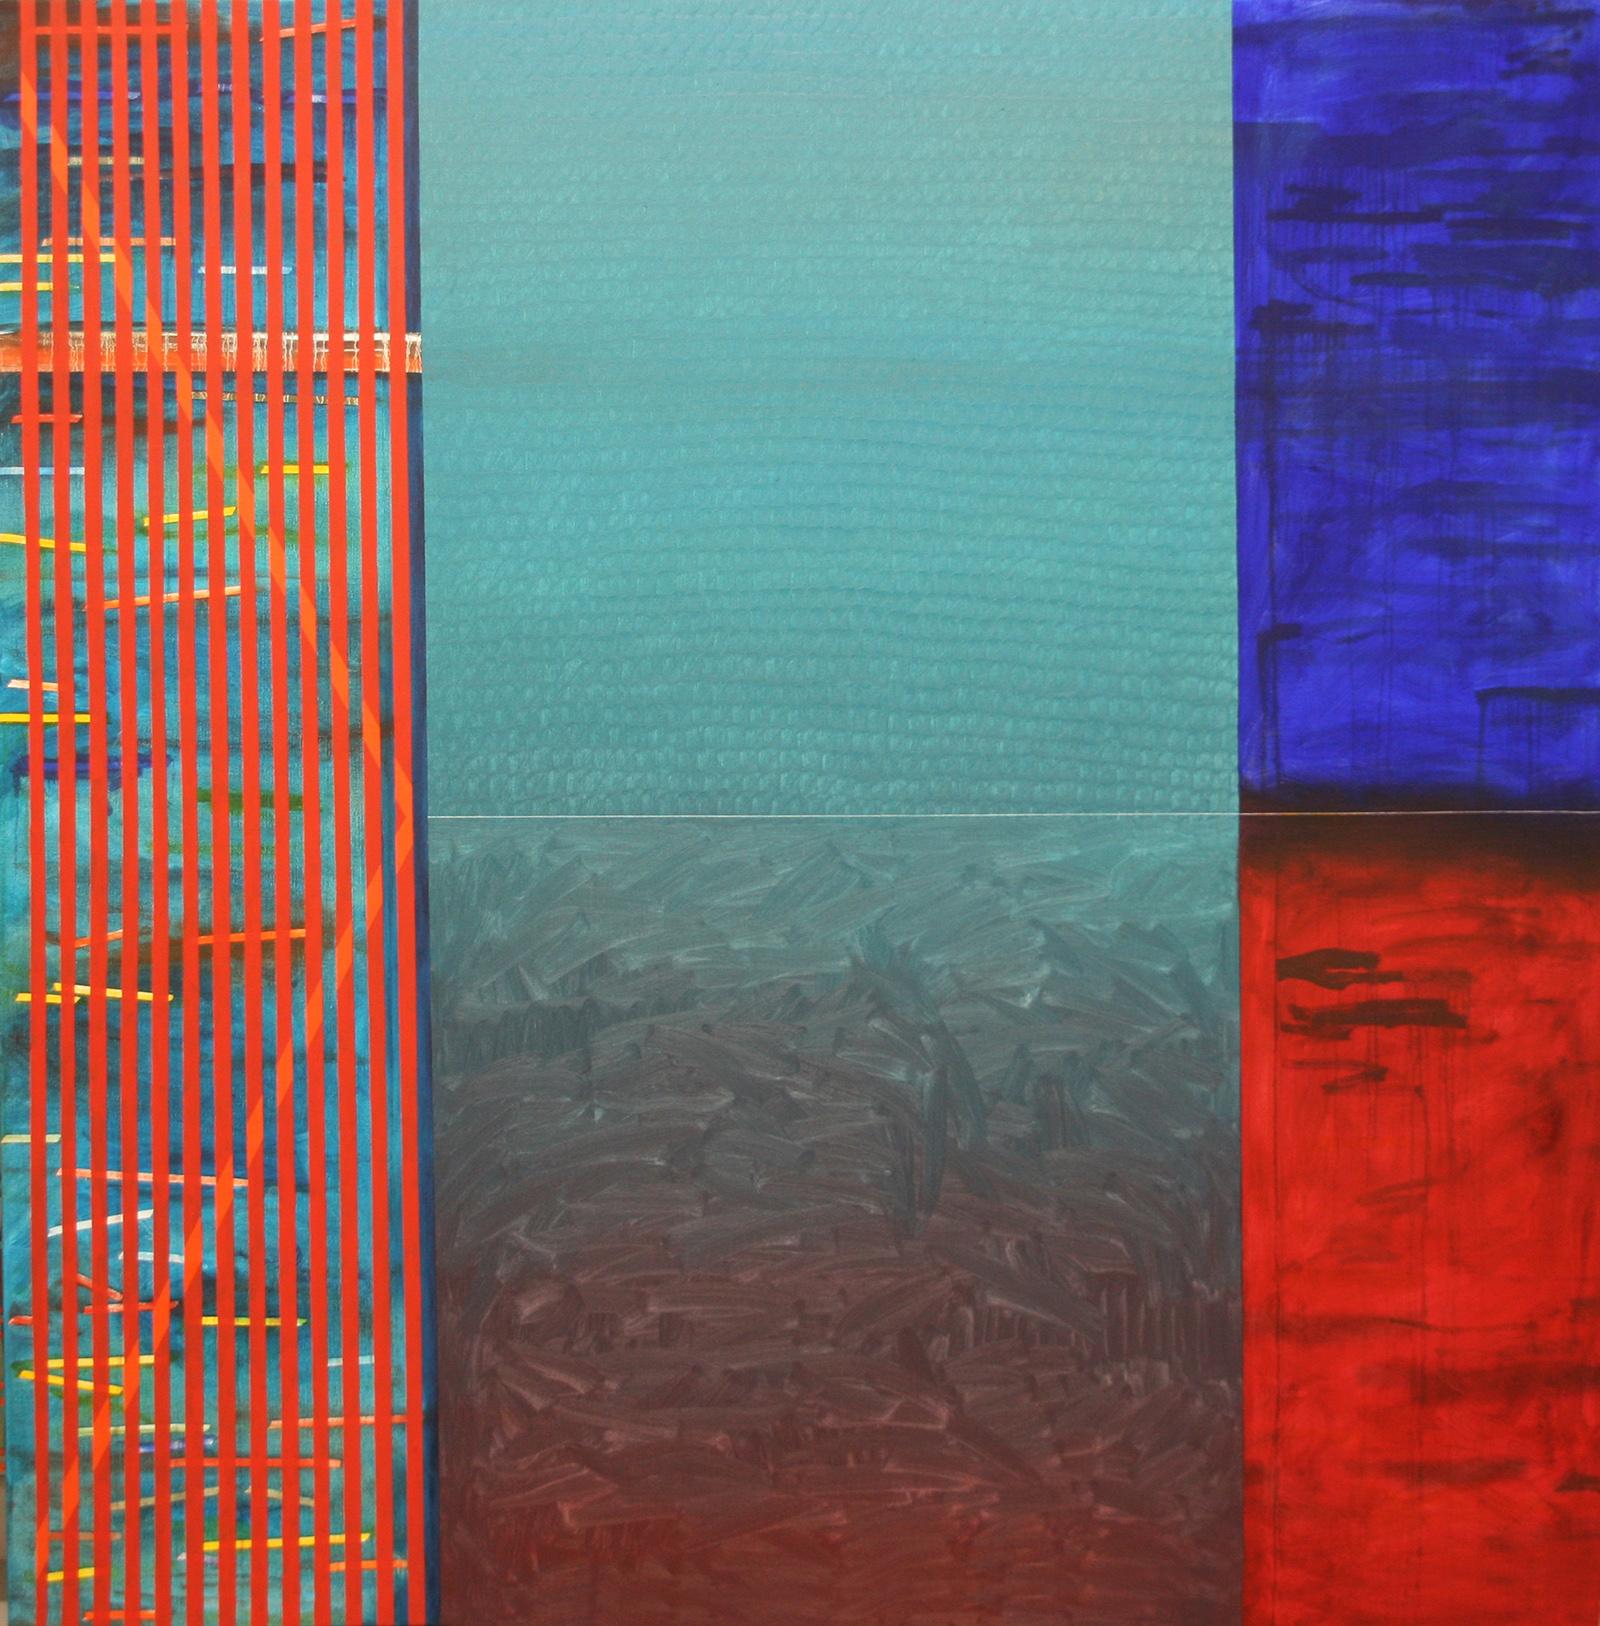 Temps -oil on canvas 200 x 200 cm- 2016 Miquel Gelabert